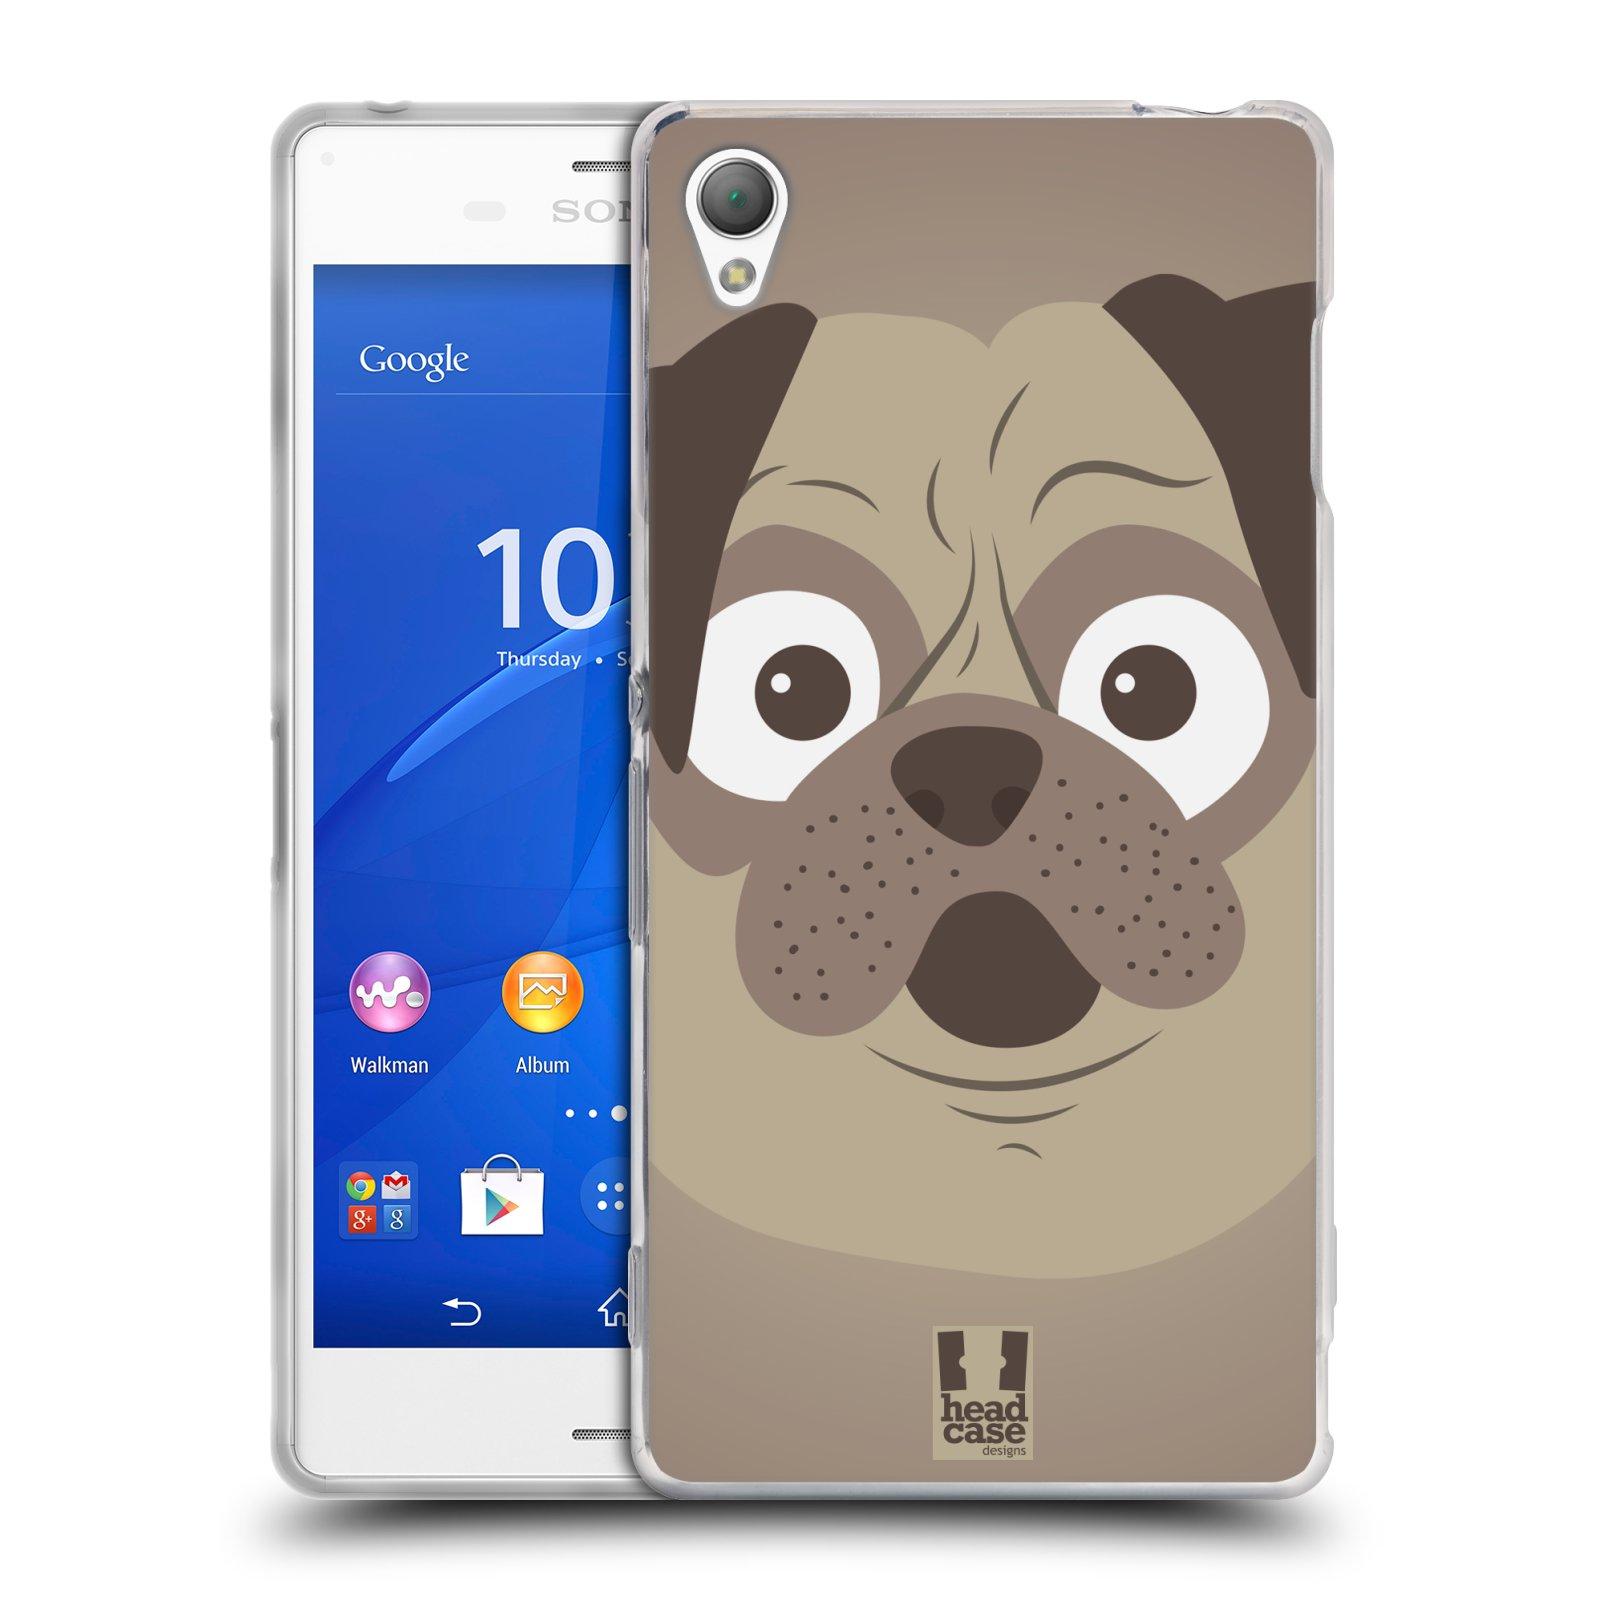 HEAD CASE silikonový obal na mobil Sony Xperia Z3 vzor Cartoon Karikatura barevná kreslená zvířátka pes mopsík